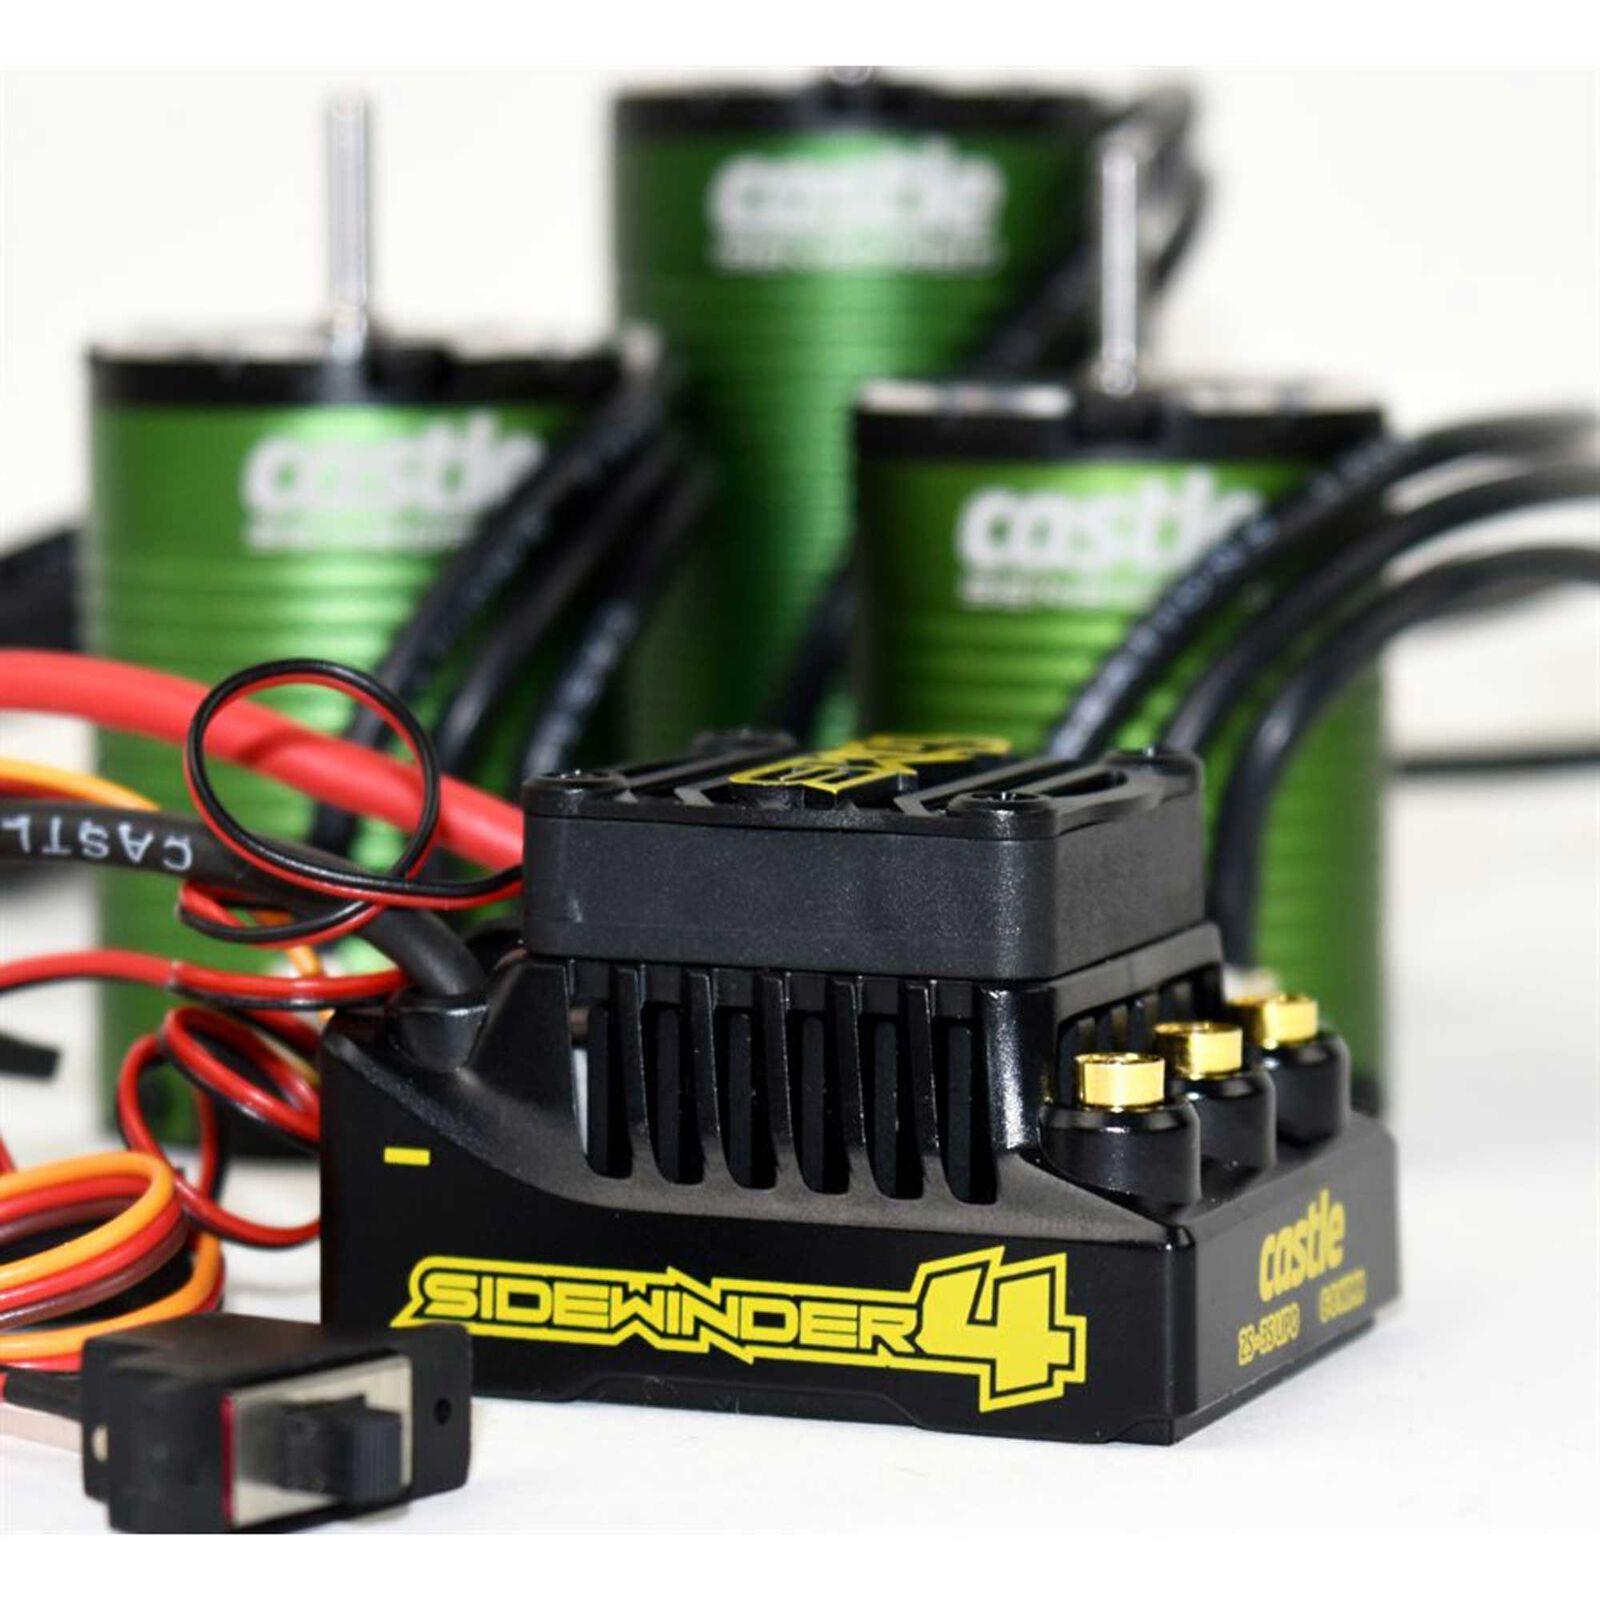 SW4 12.6V 2A BEC WP SL ESC 1406-4600 Sens Motor